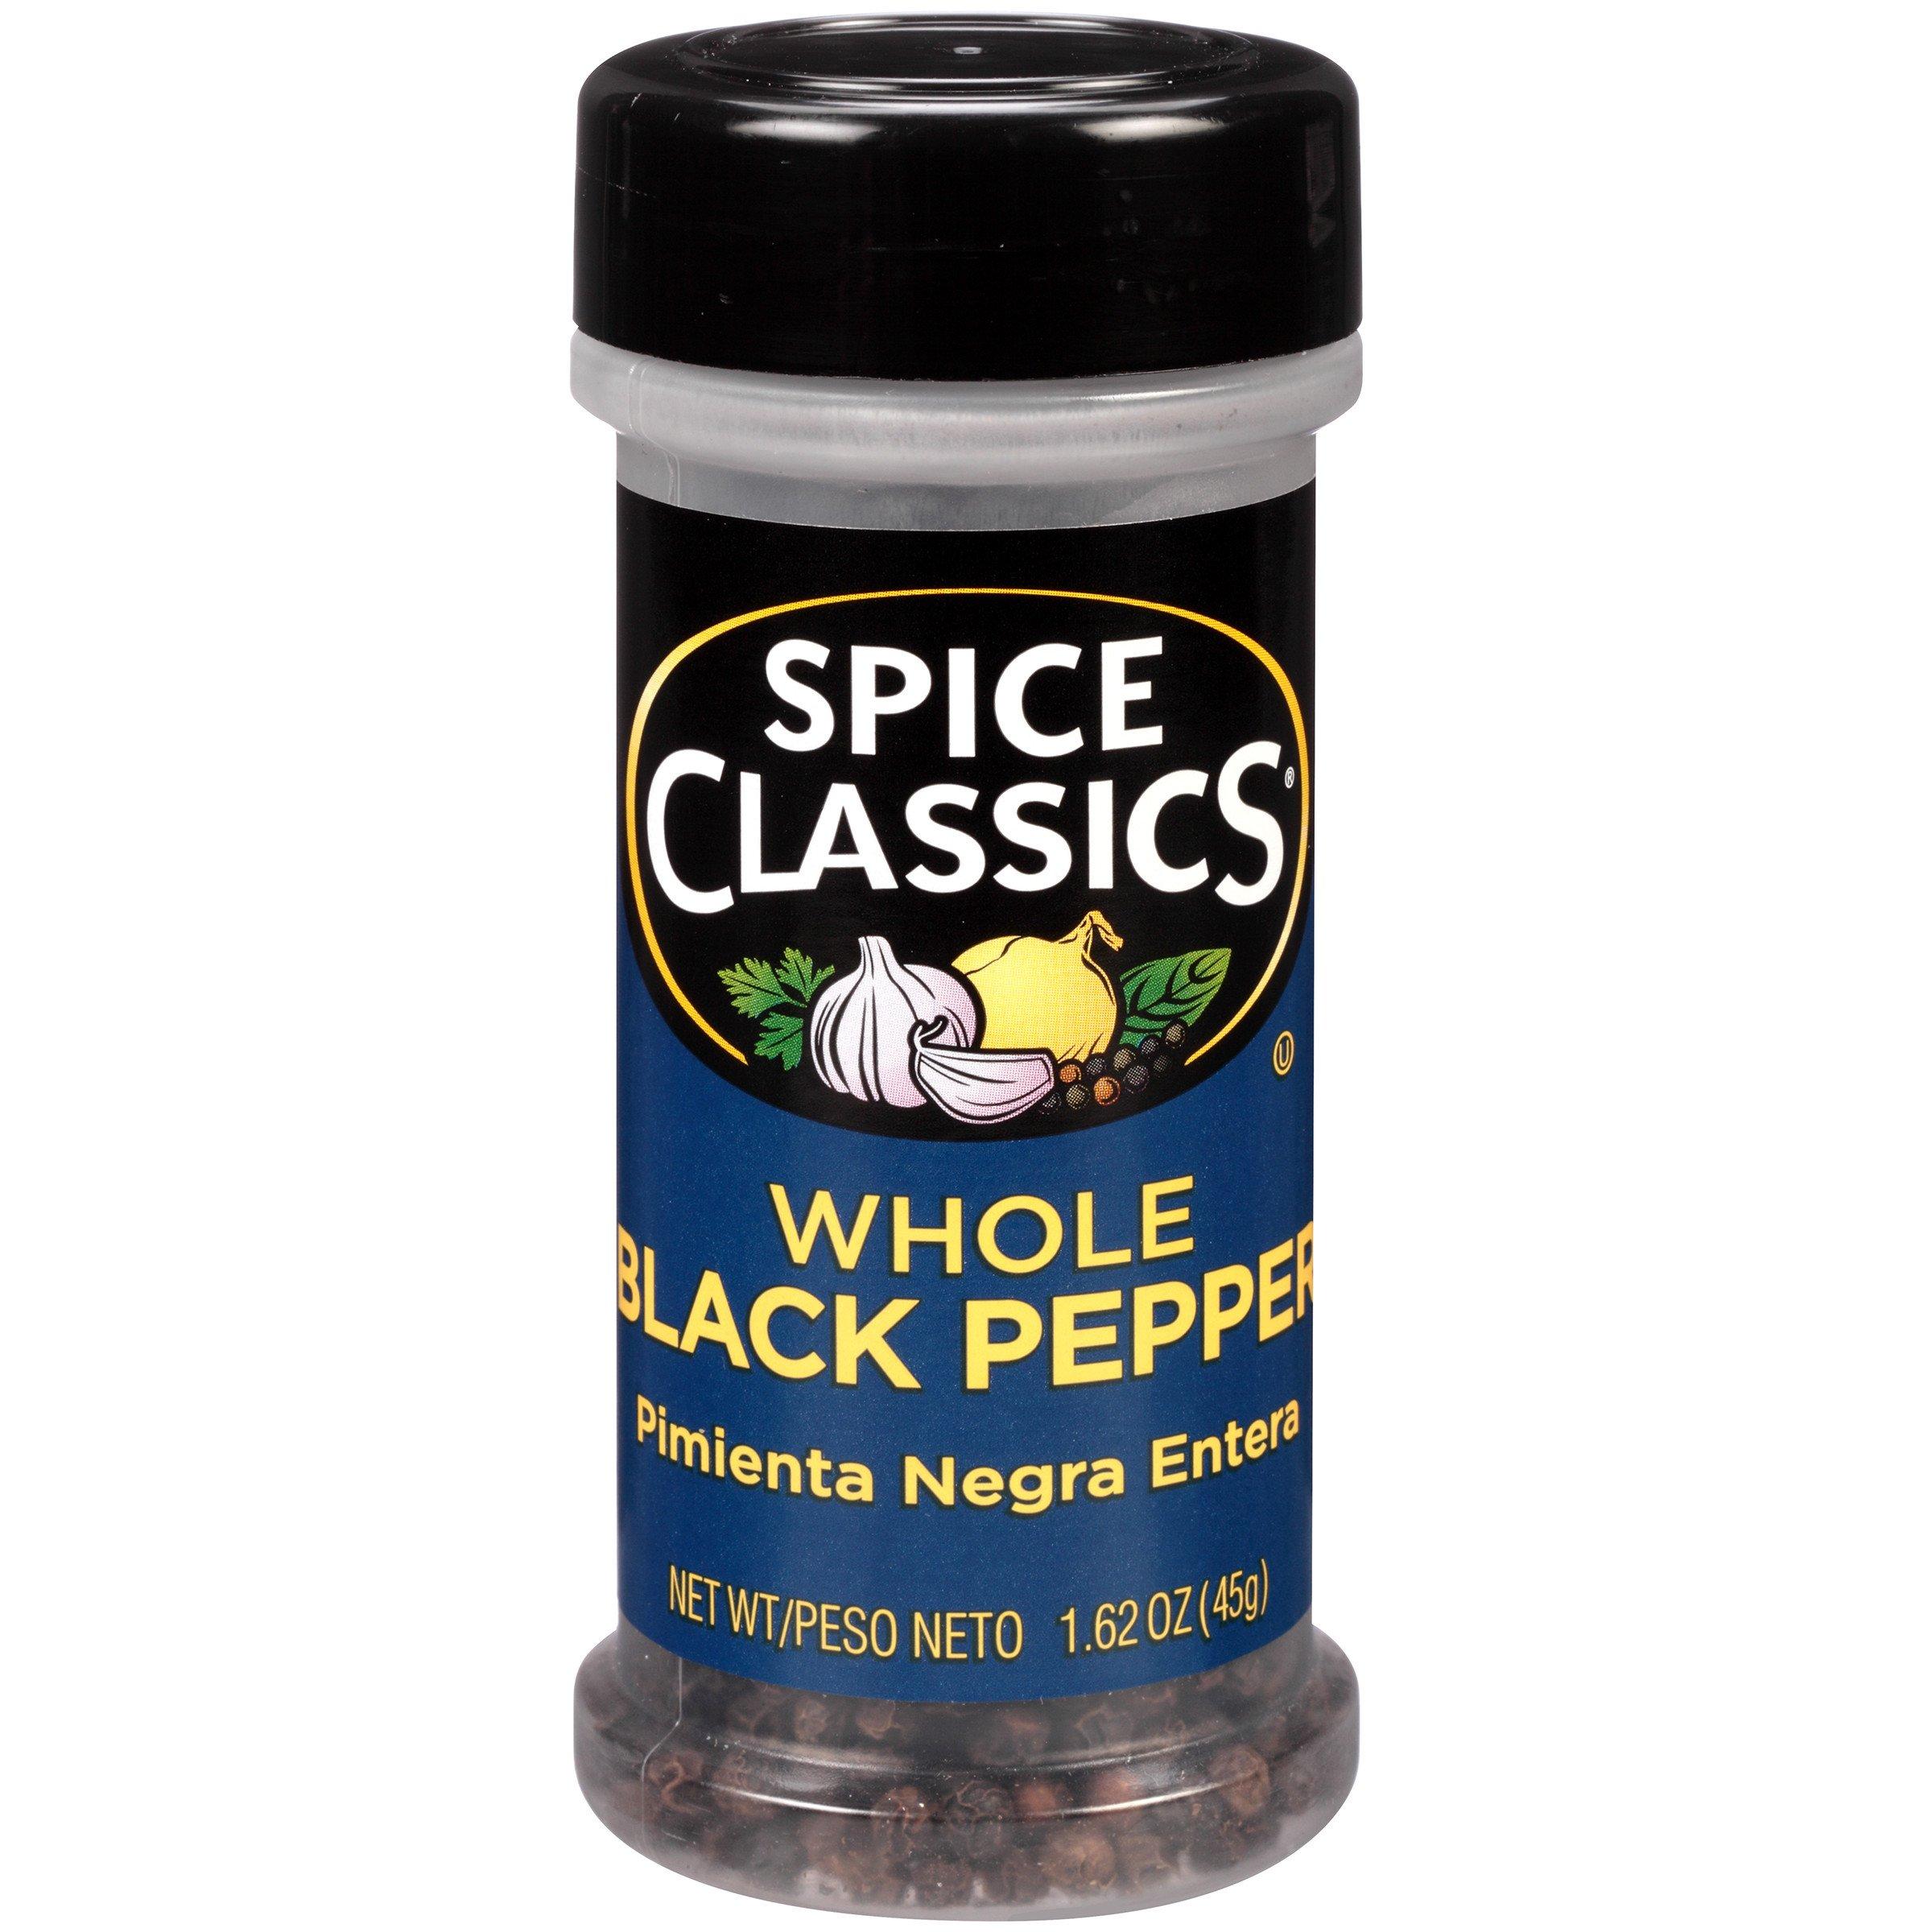 Spice Classics Whole Black Pepper, 1.62 oz